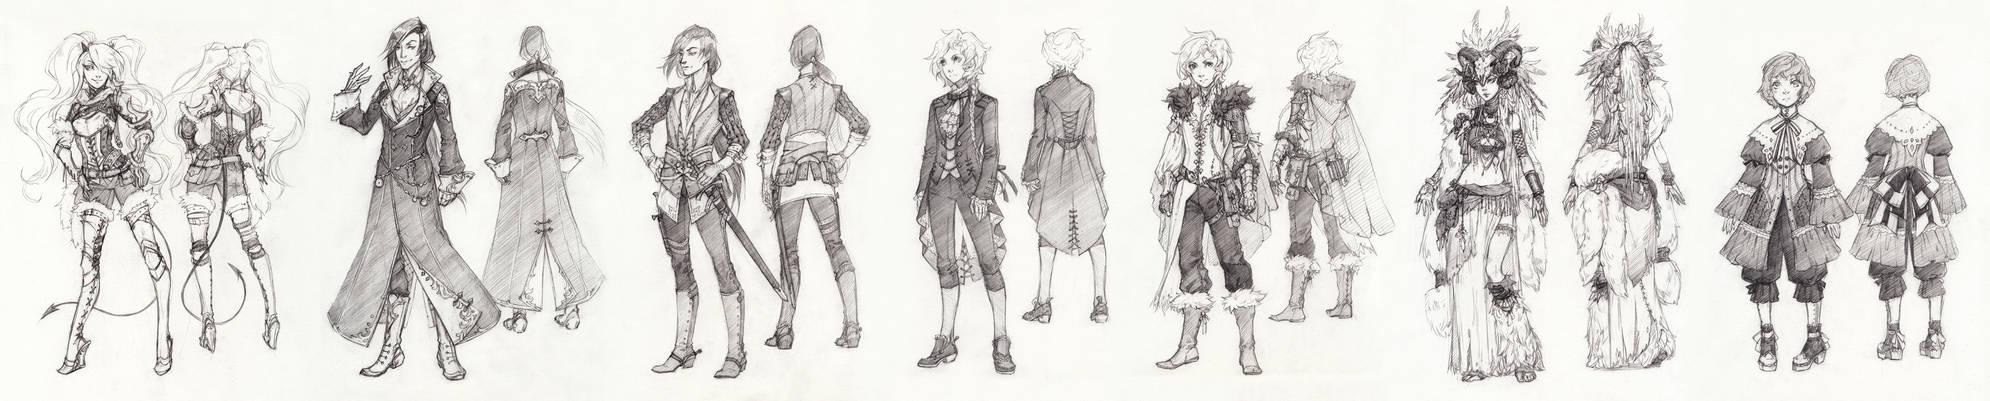 Costume designs for KitJoYuki